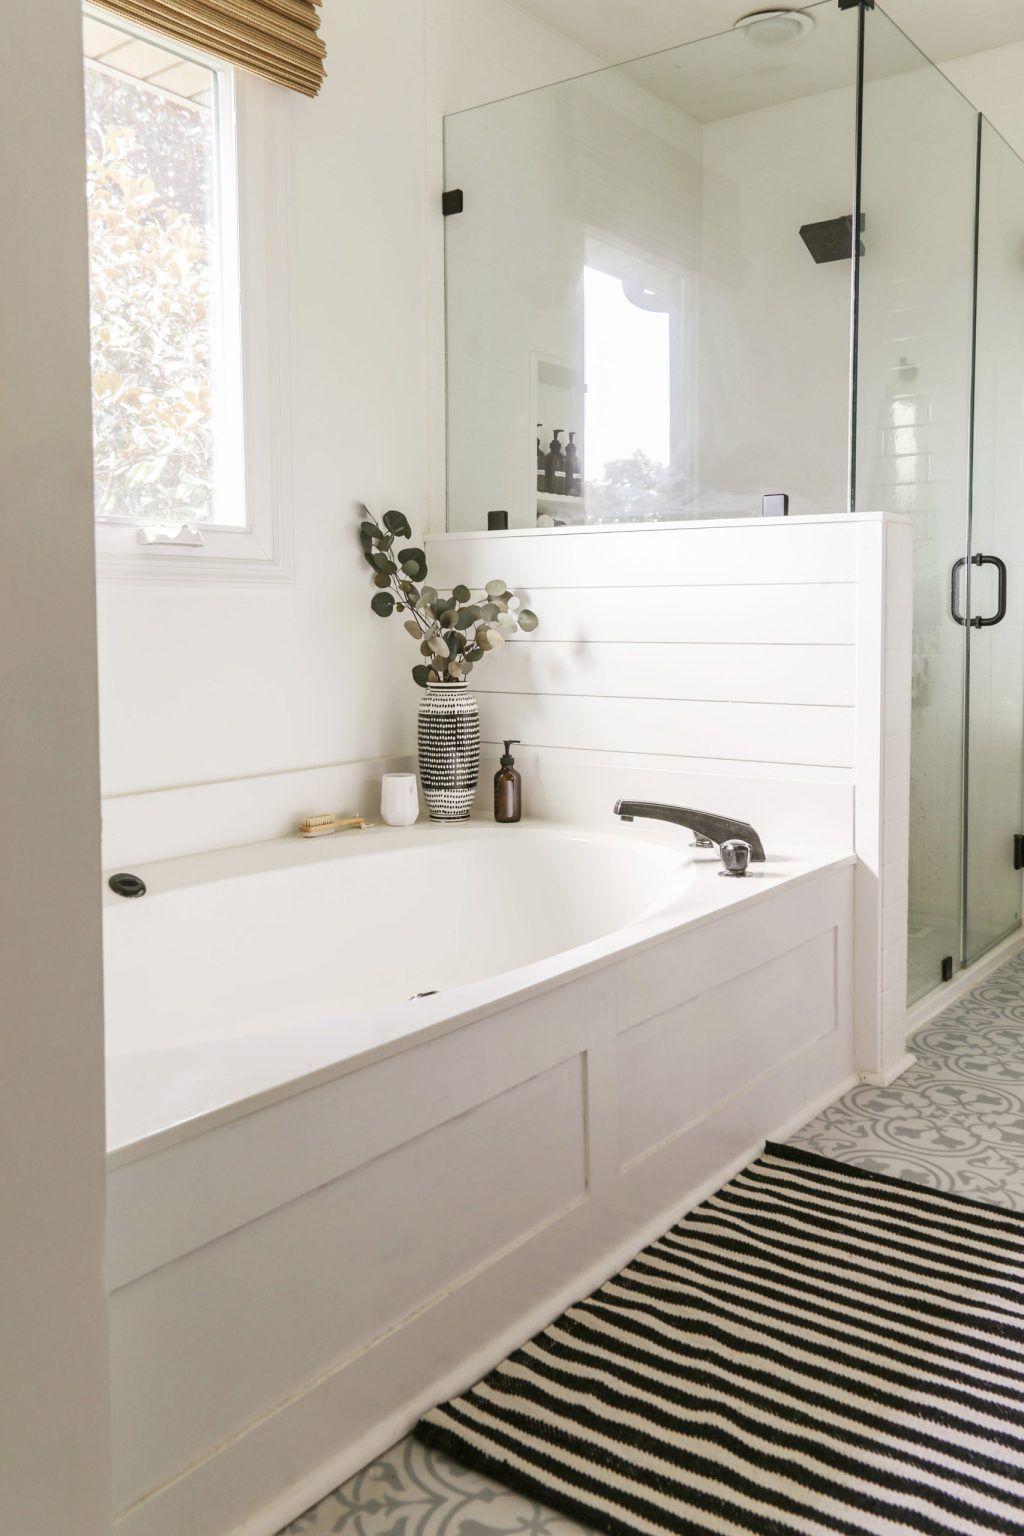 DIY Bath Tub Skirt for Under $25 - Jacuzzi Bath Side Panel Transformation